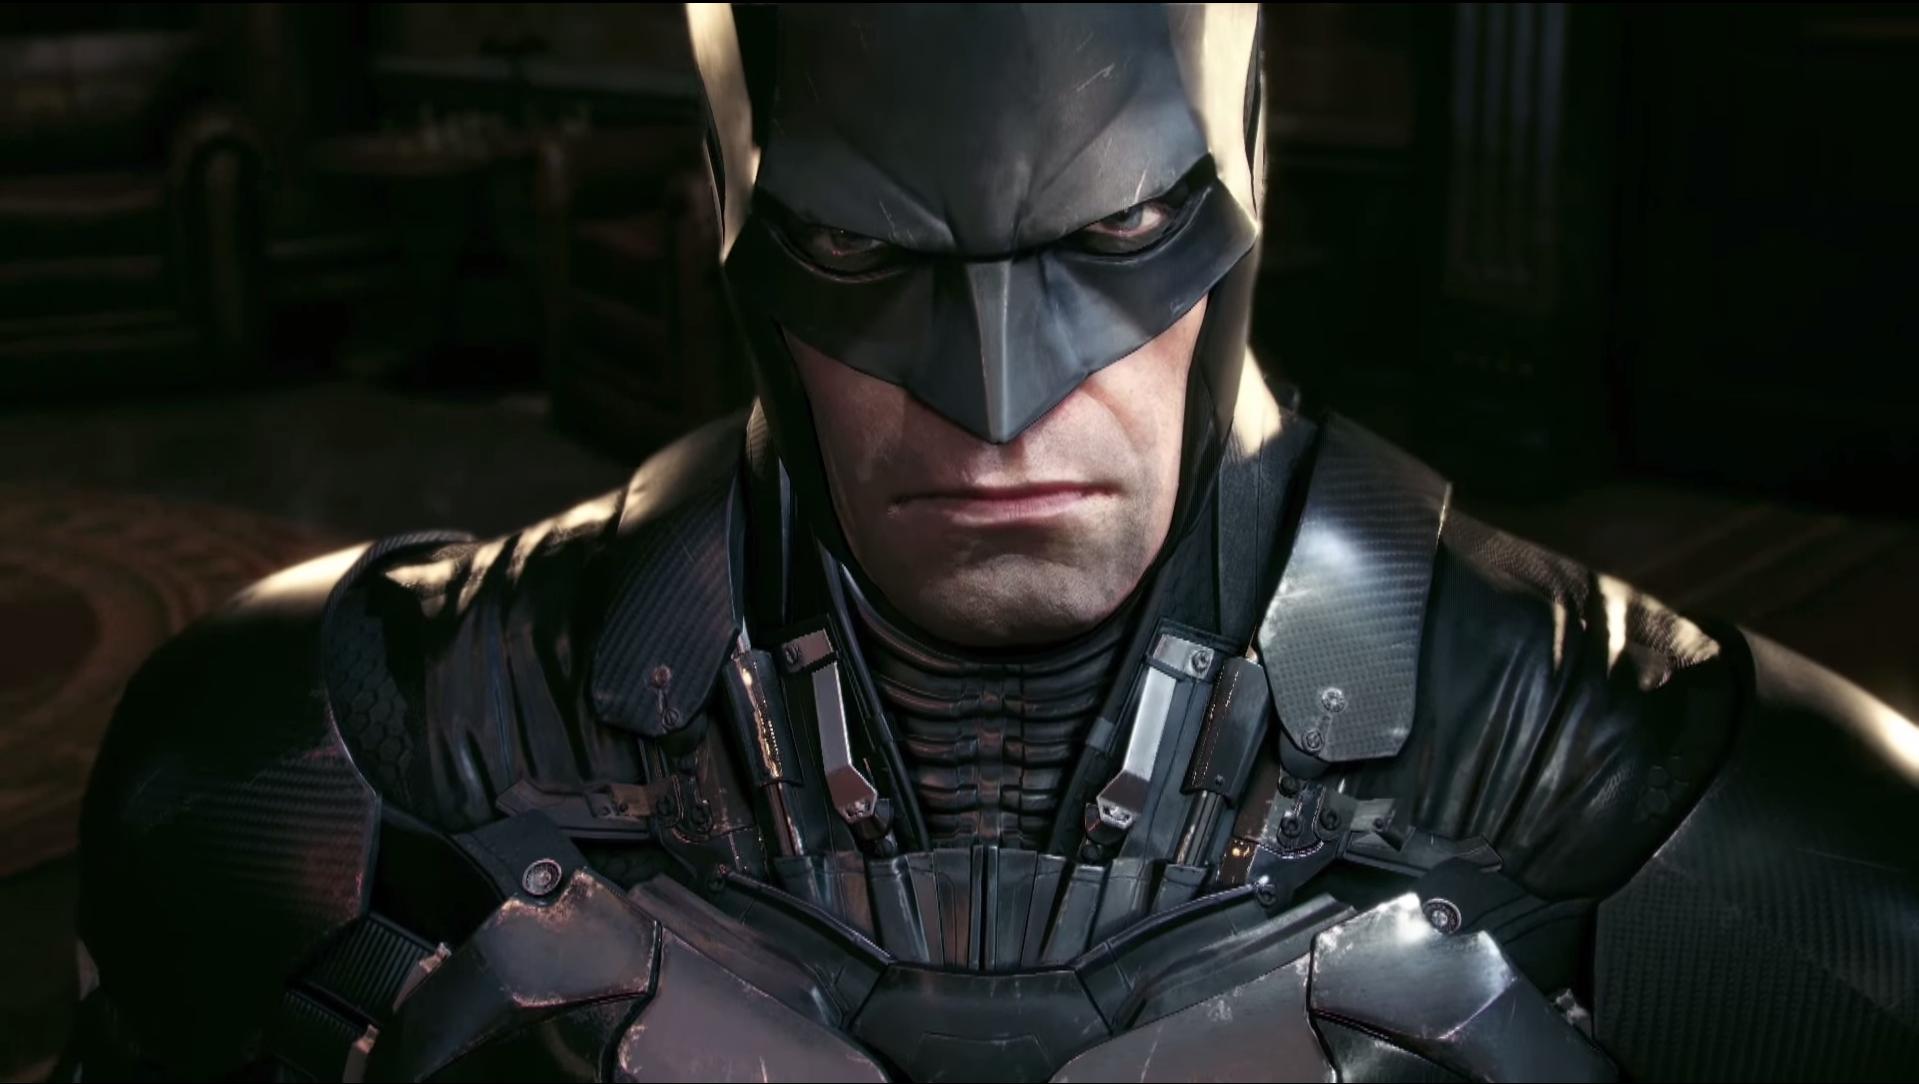 最新蝙蝠侠阿甘骑士高清壁纸 小丑女友好性